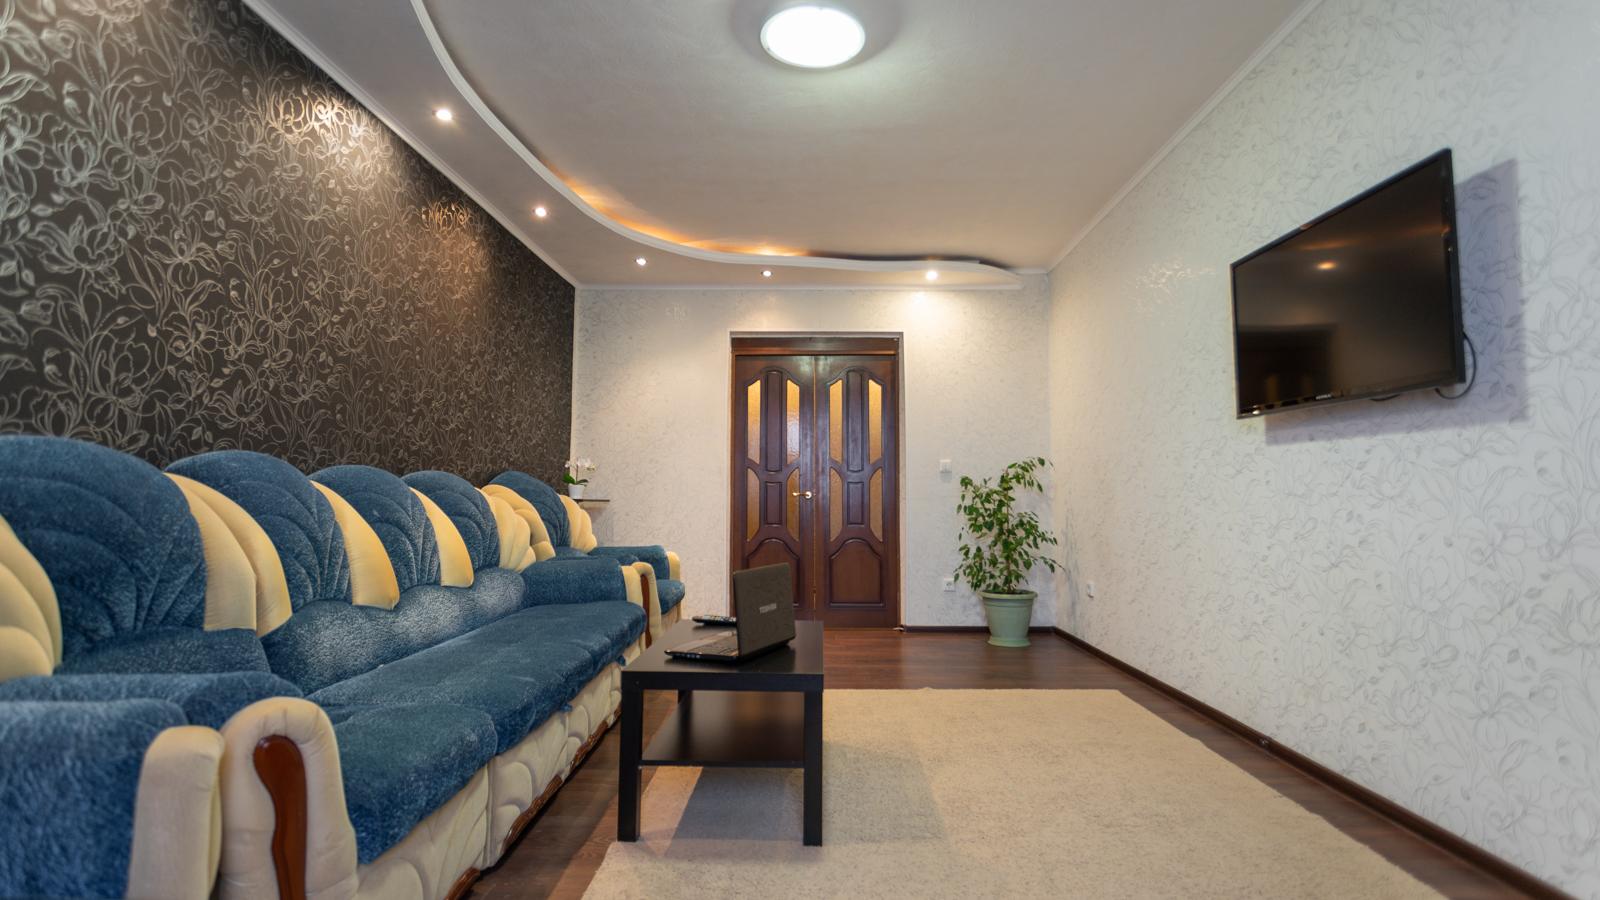 Ремонт квартир в разных стилях фото практика пыток